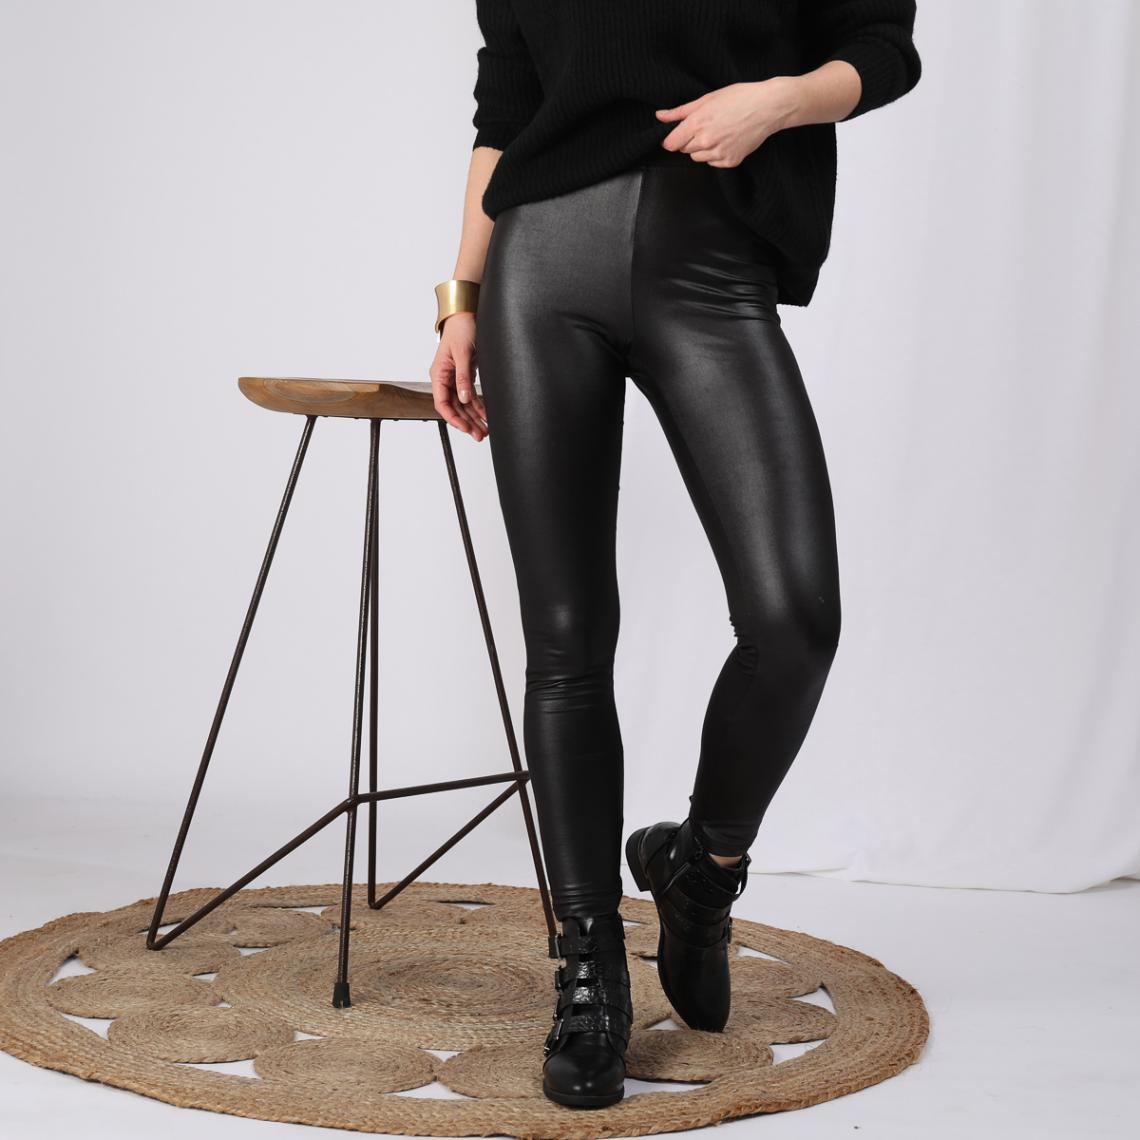 Legging élastique brillant femme Noir 12 Avis Plus de détails